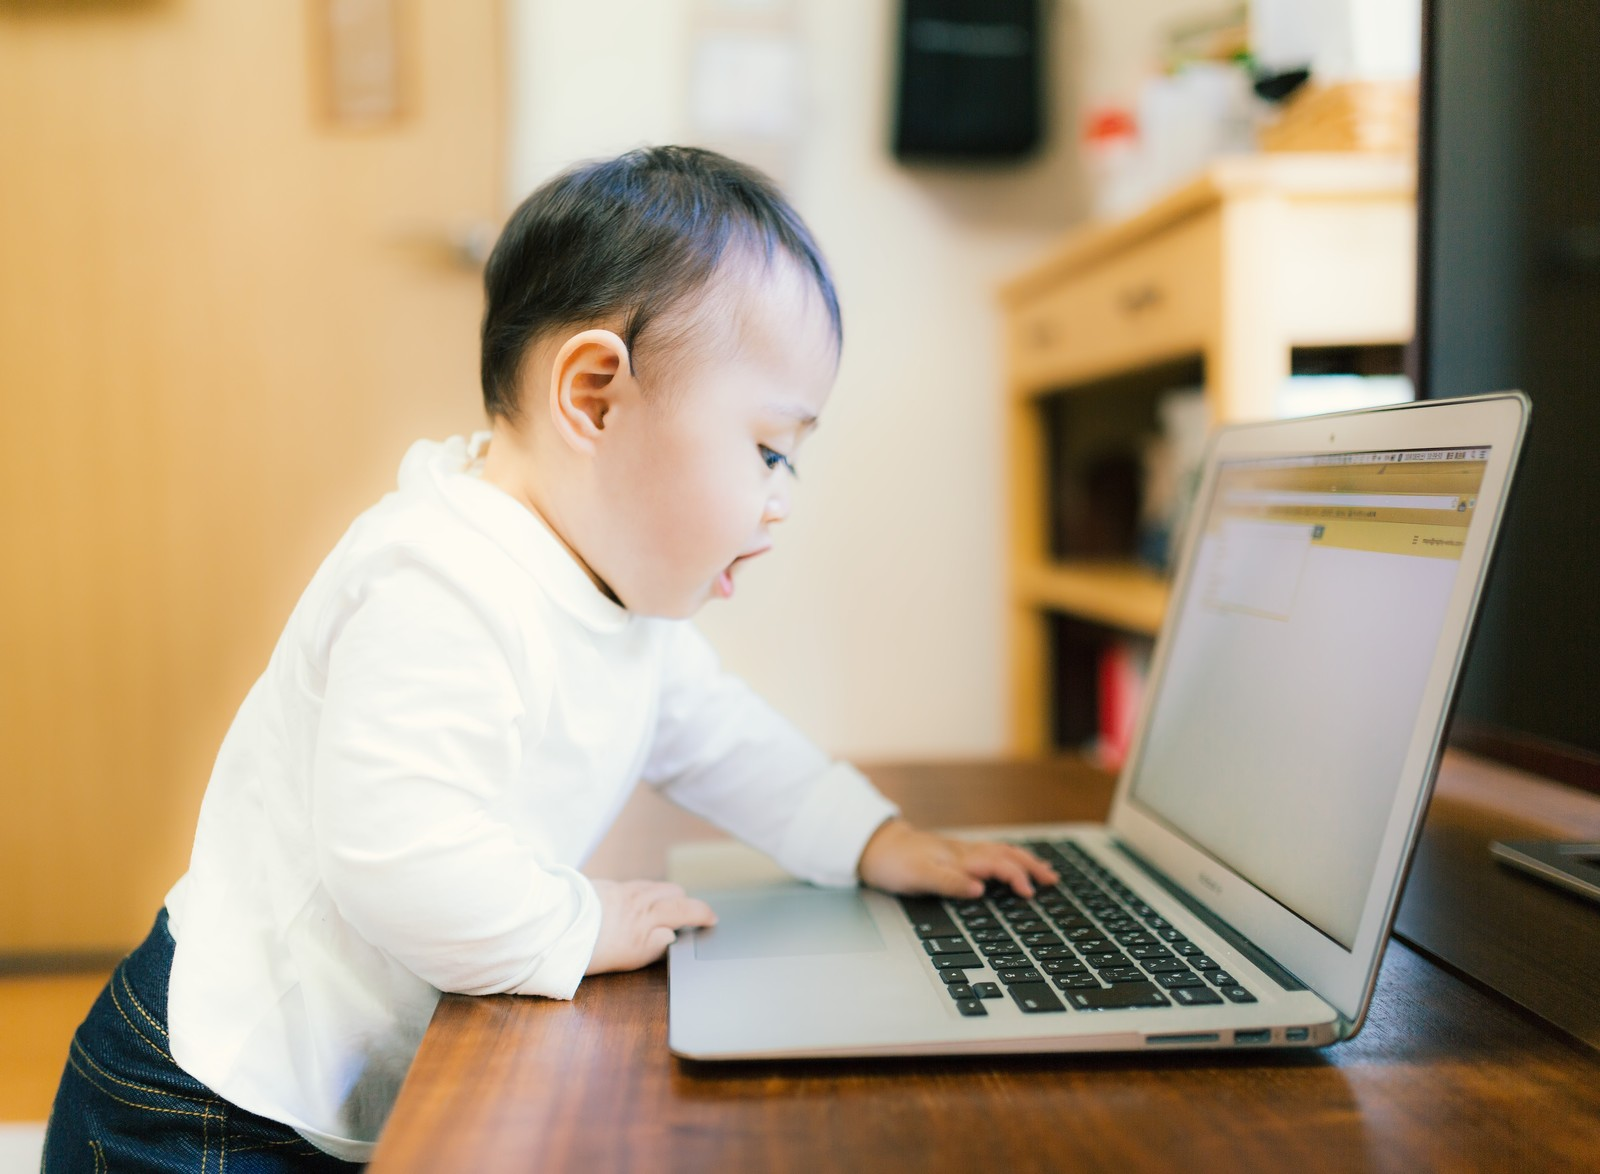 アプリ開発修正見積もりに時間がかかる理由は赤ちゃんがやっているからではありません。